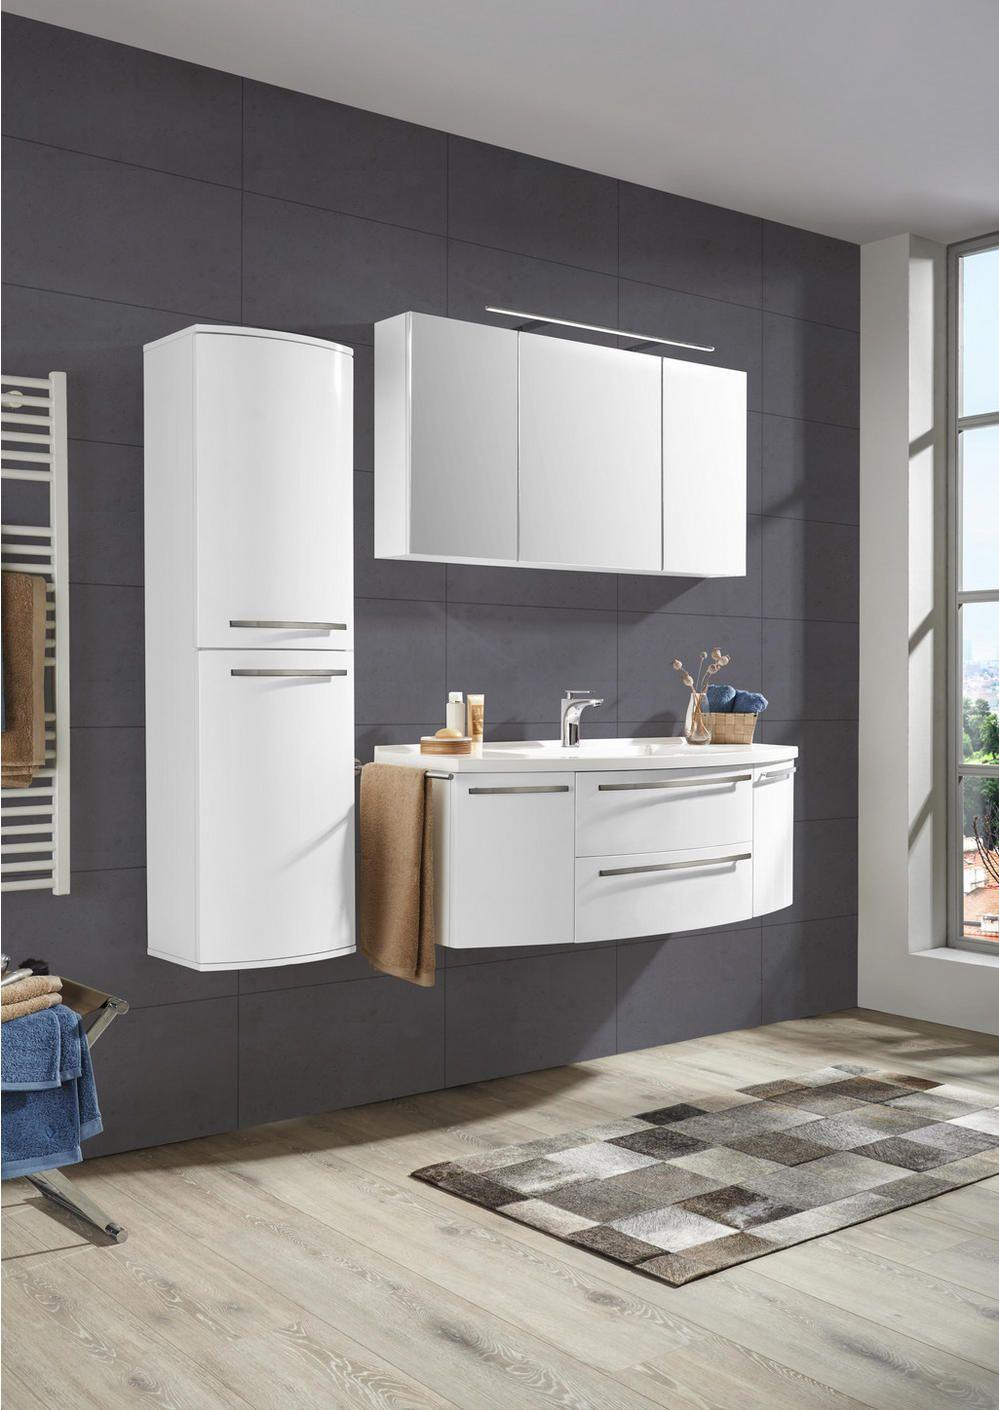 Badezimmer Weiss Online Kaufen Xxxlutz Badezimmer Badezimmer Einrichtung Badezimmerwaschtisch